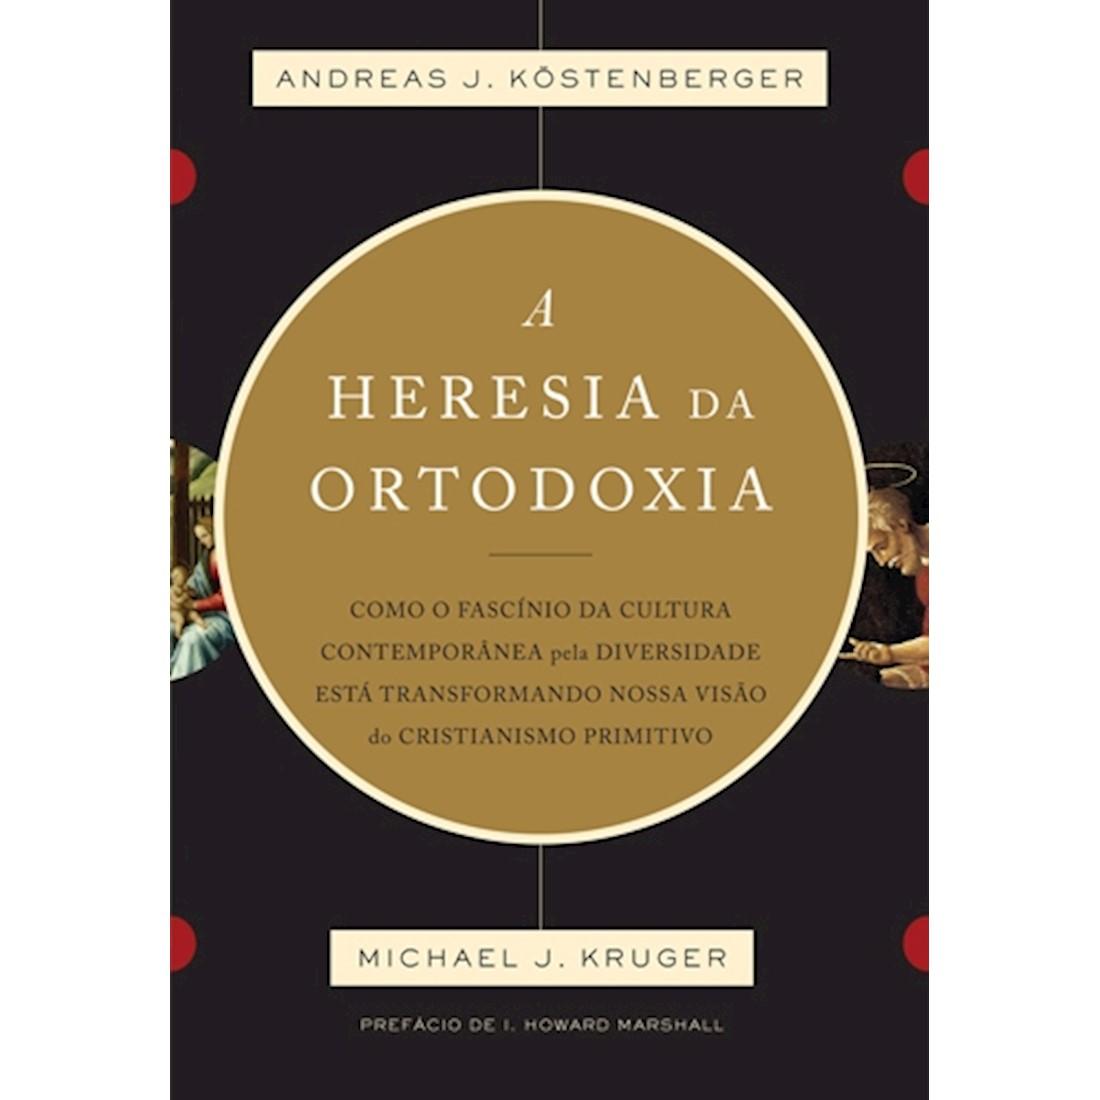 Livro a Heresia da Ortodoxia